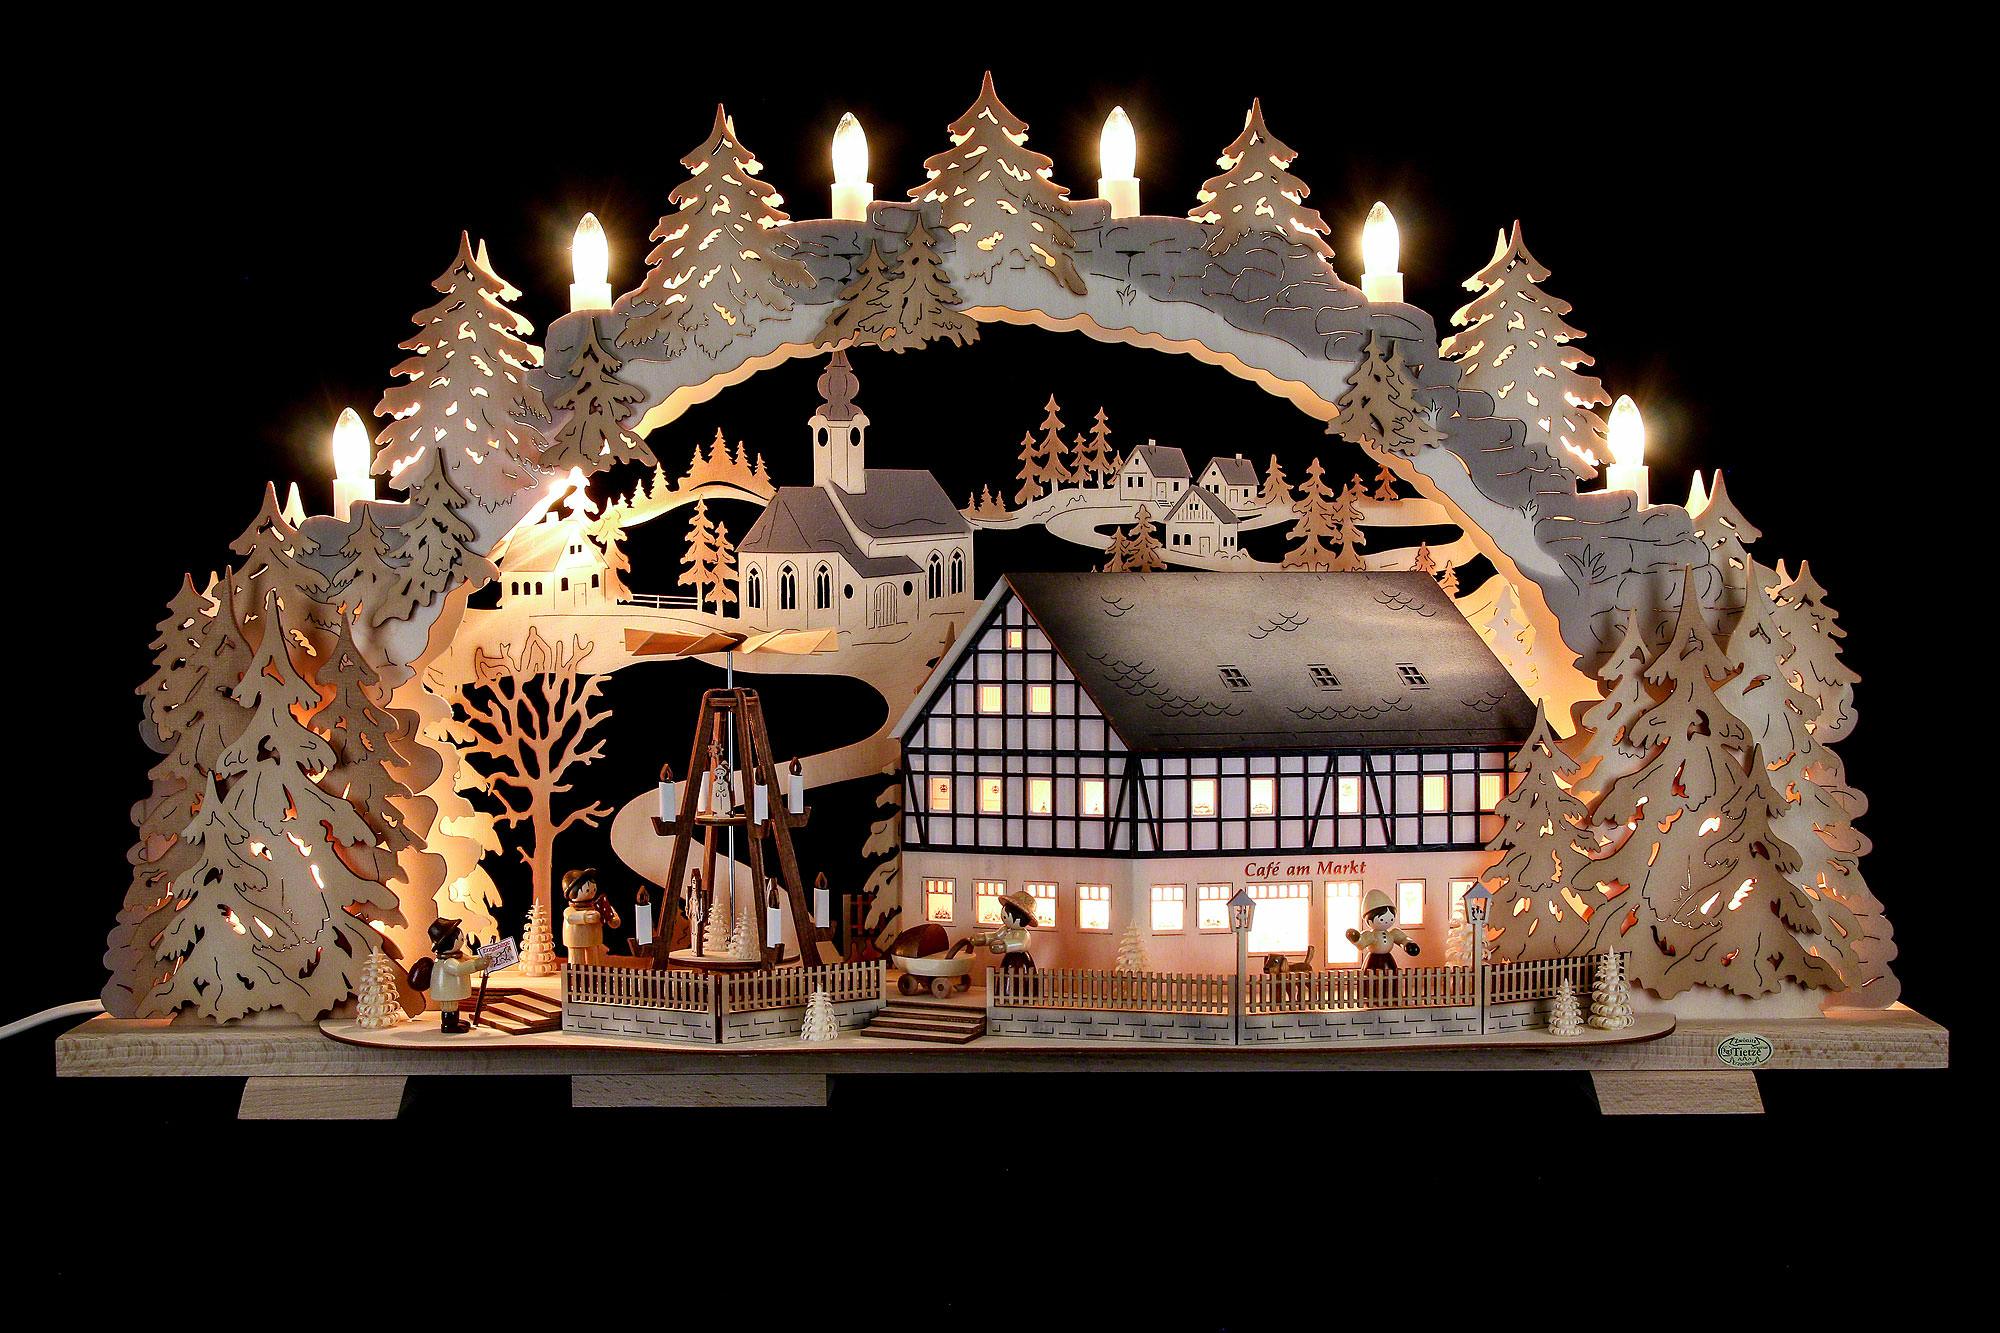 Moderne Lampen 72 : Schwibbogen café am markt mit drehender pyramide 72×43×13 cm von